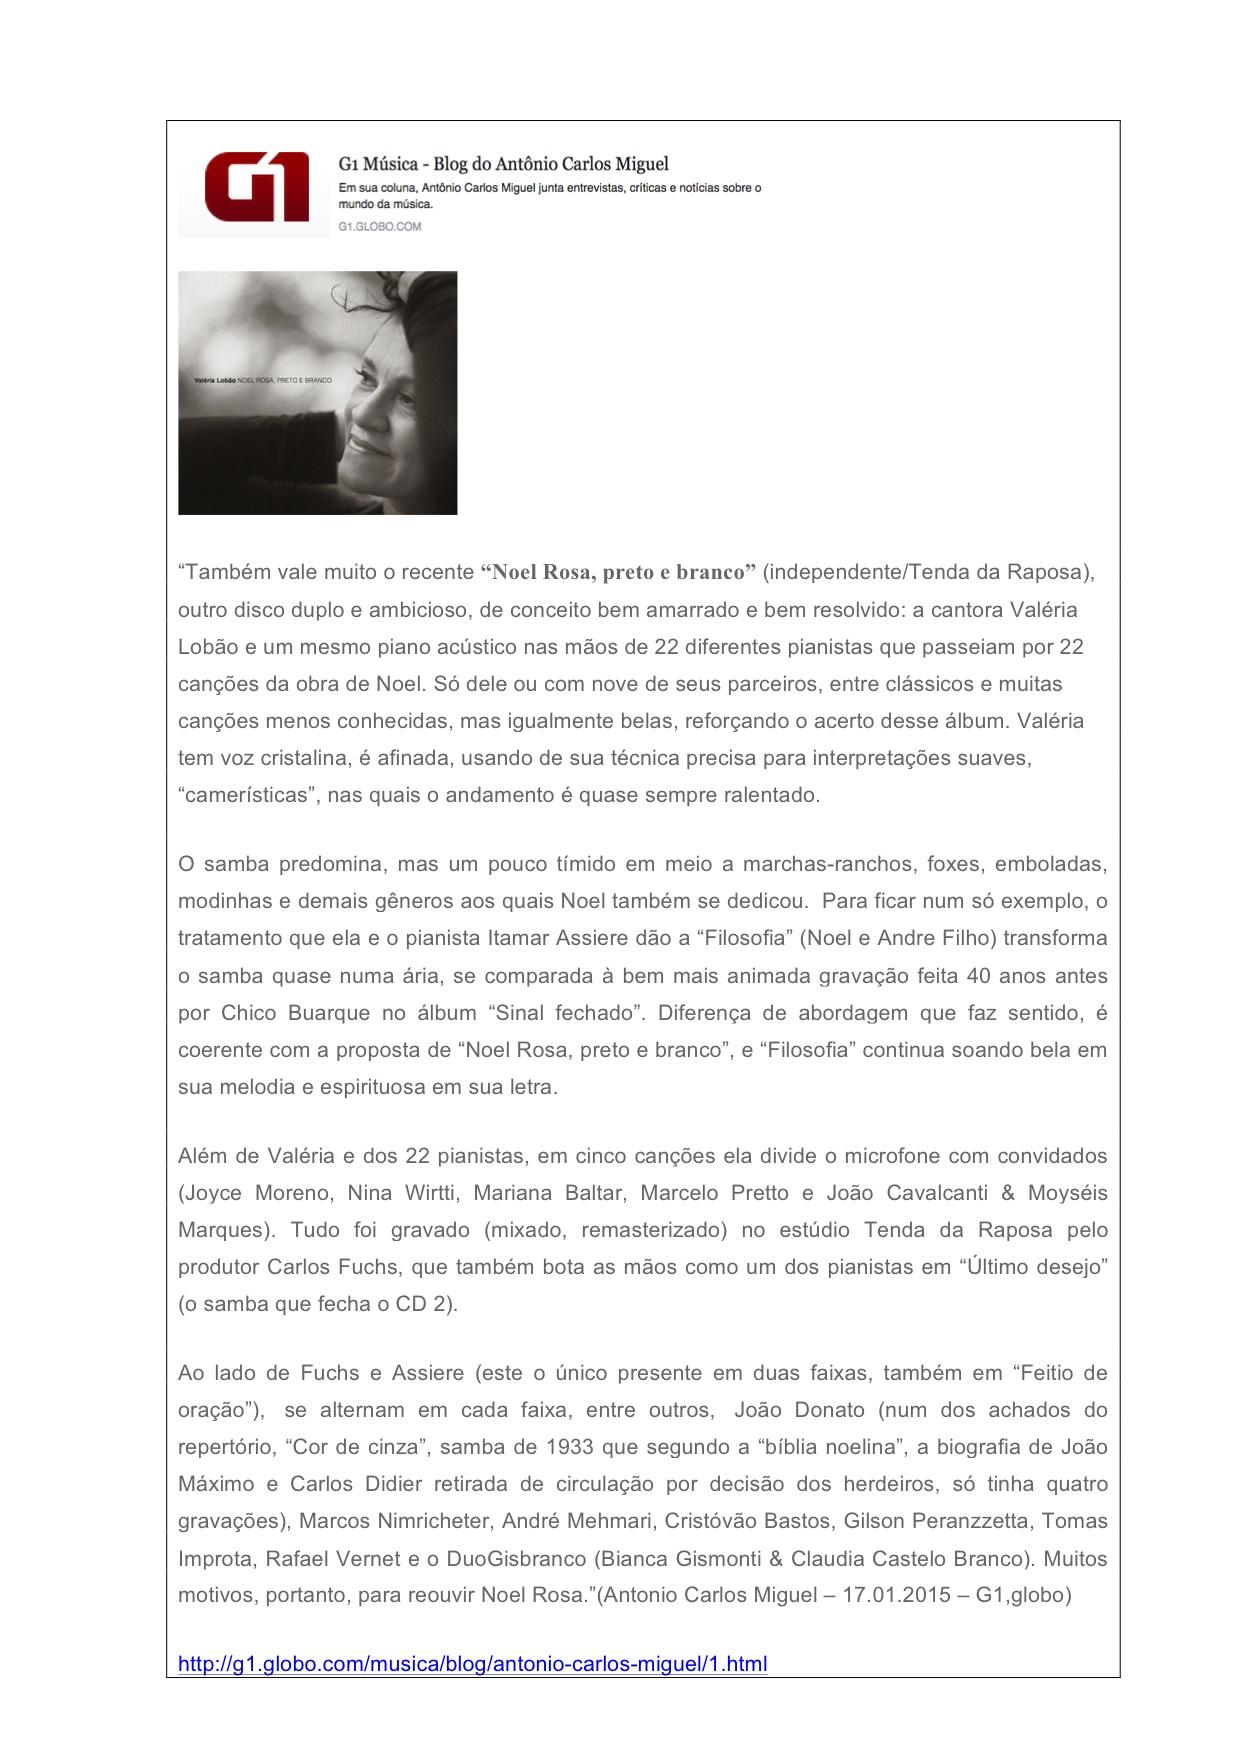 G1 - ANTONIO CARLOS MIGUEL-19.01.15